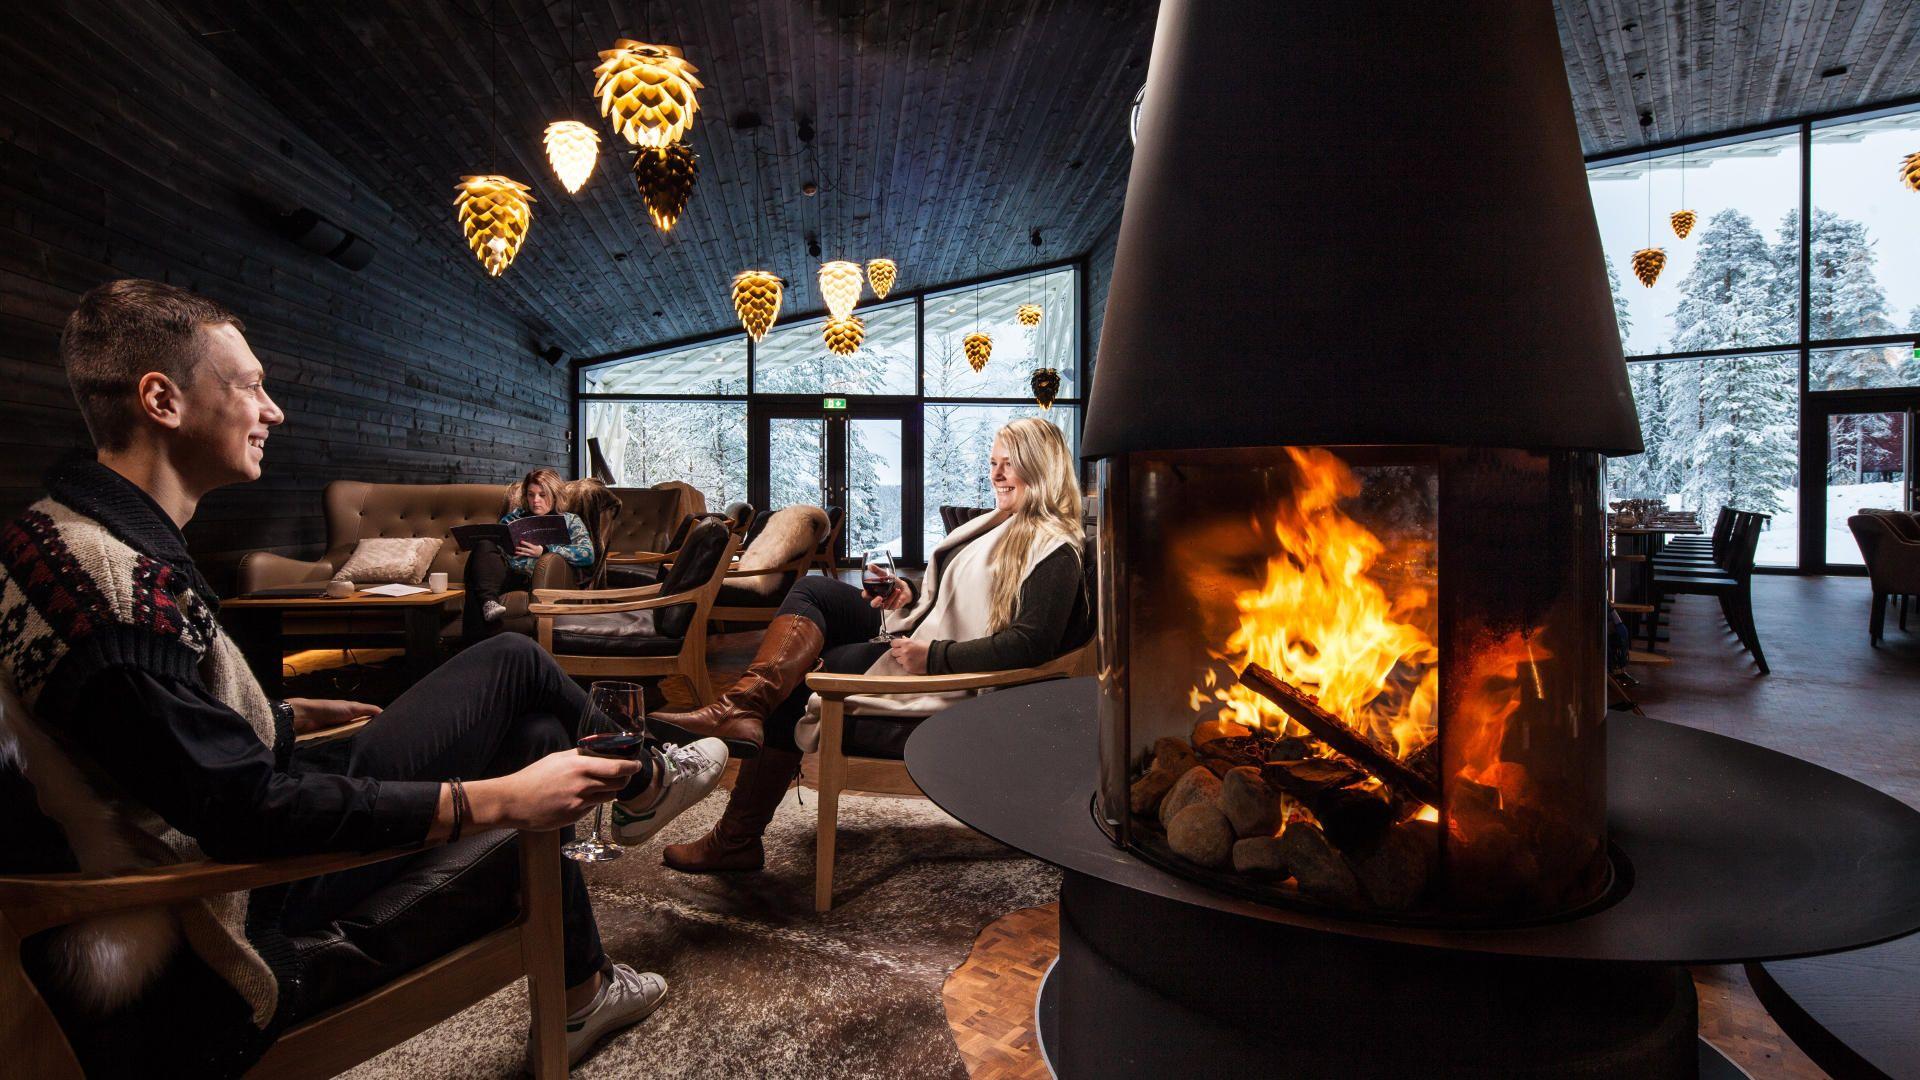 Rakas Restaurant in Rovaniemi, Finland